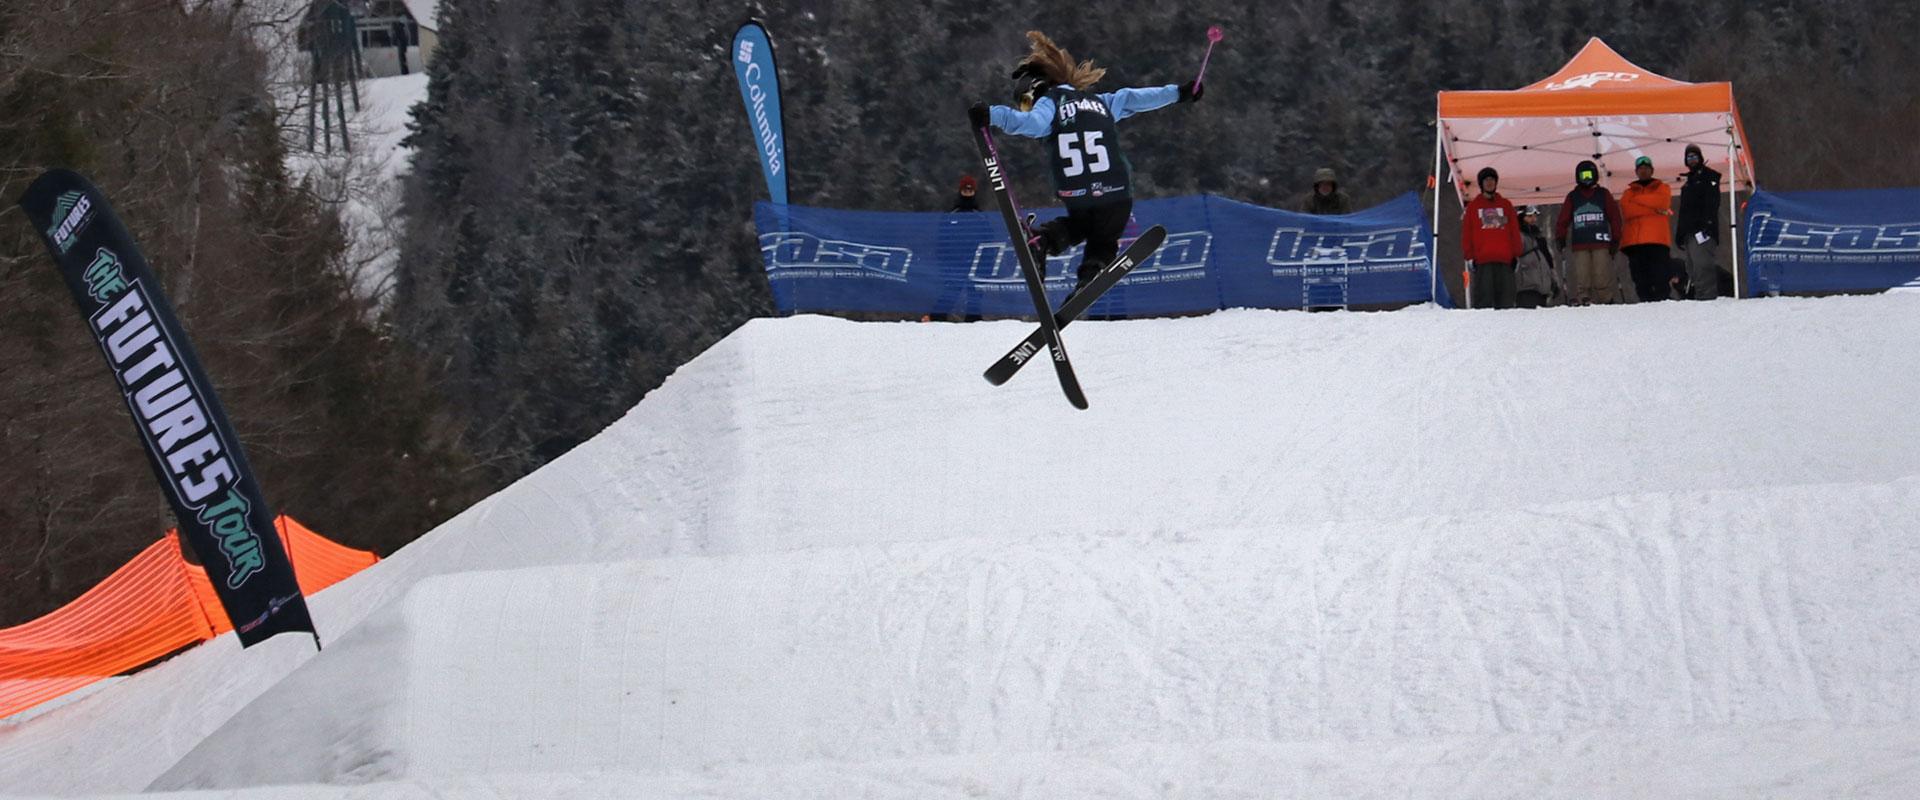 Futures Tour Loon slopestyle